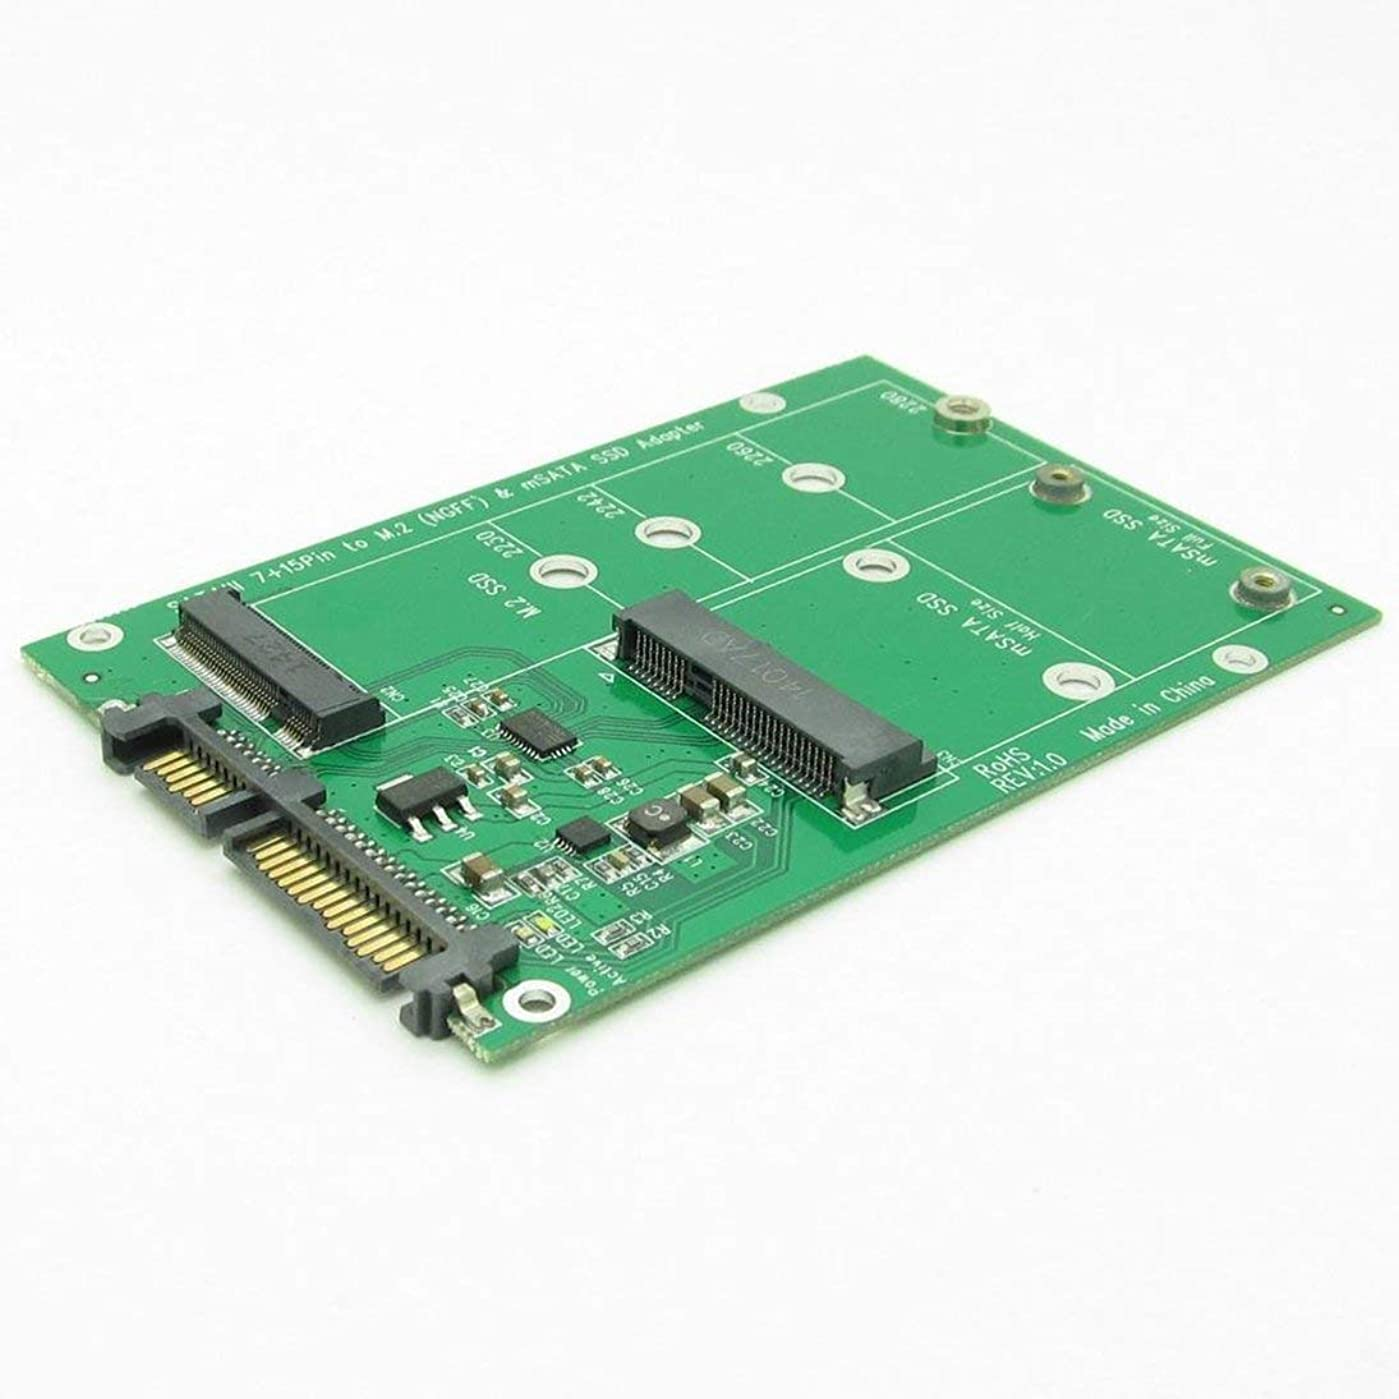 行くアジテーションライナーmSATA&NGFFへのUSB 3.0 7 + 15ピンハードディスクM.2 SSD 2in1 ComboミニPCI-Eアダプタコンバータリーダカード(ケーブル付) 木の羽